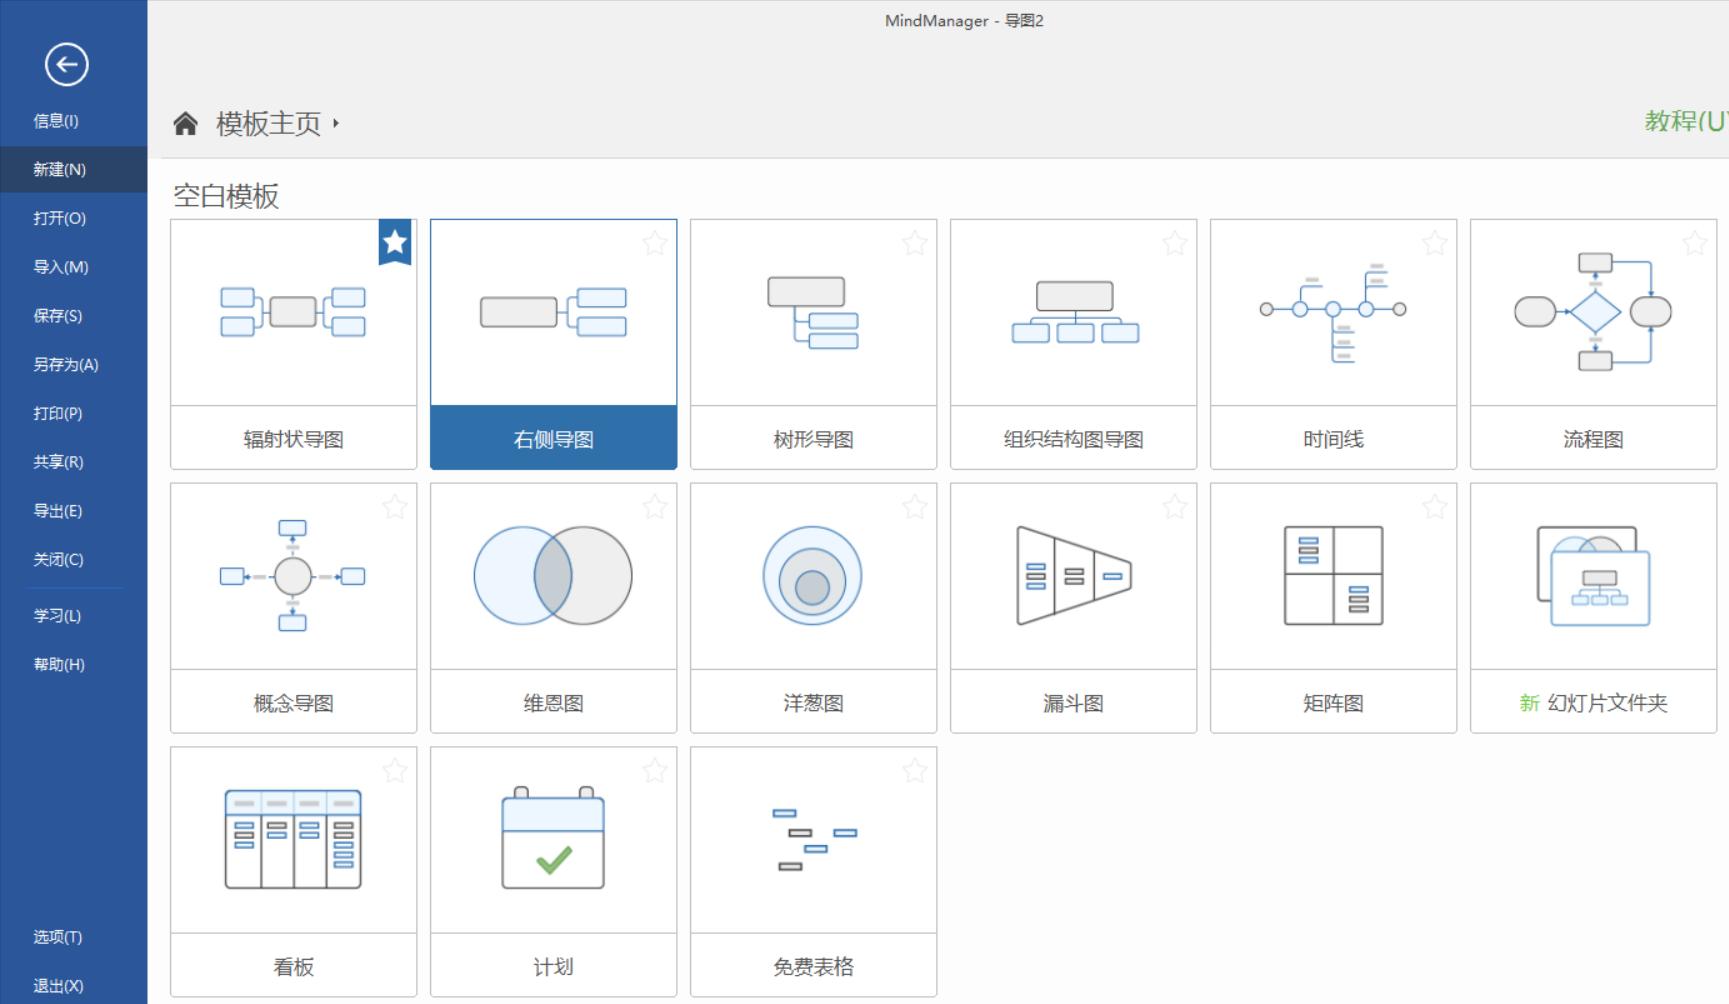 图1:mindmanager空白模板